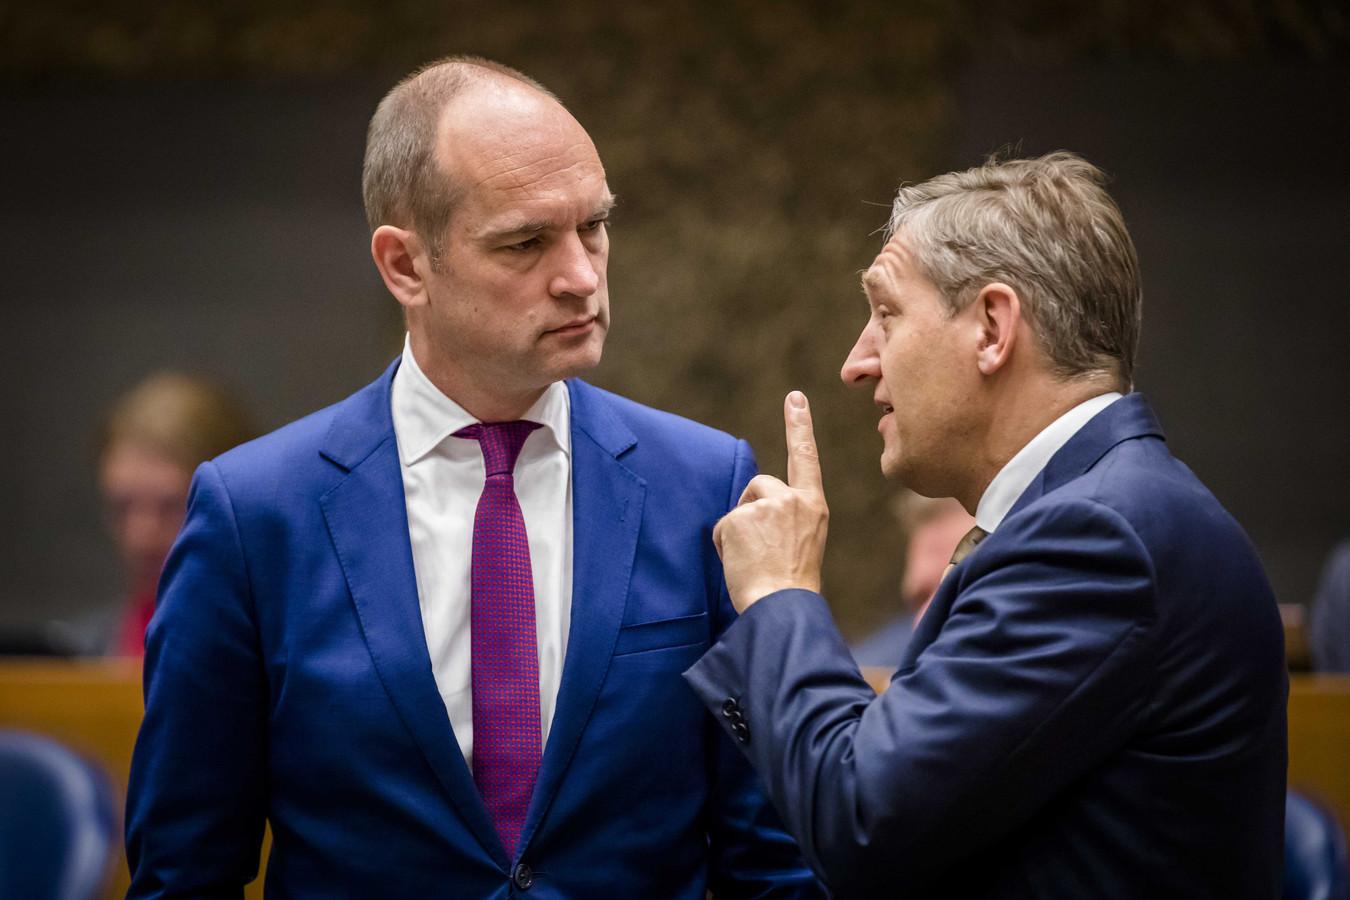 Gert-Jan Segers (ChristenUnie) en Sybrand Buma (CDA).